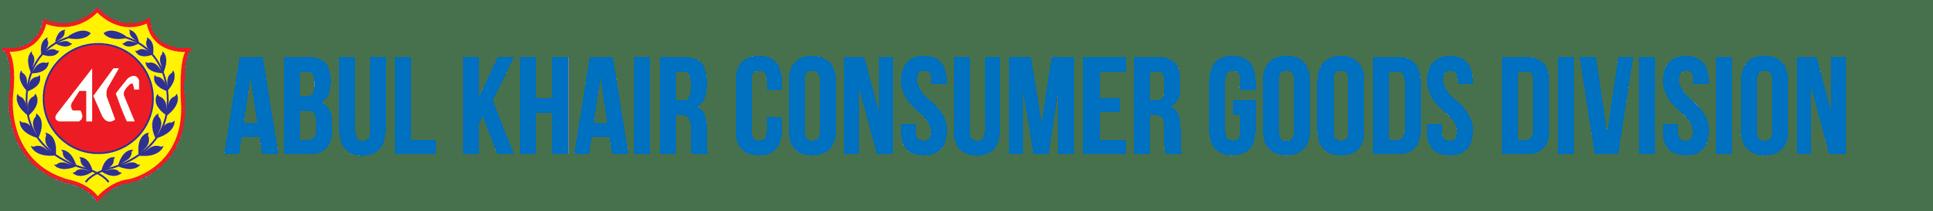 Abul Khair Consumer Goods Division